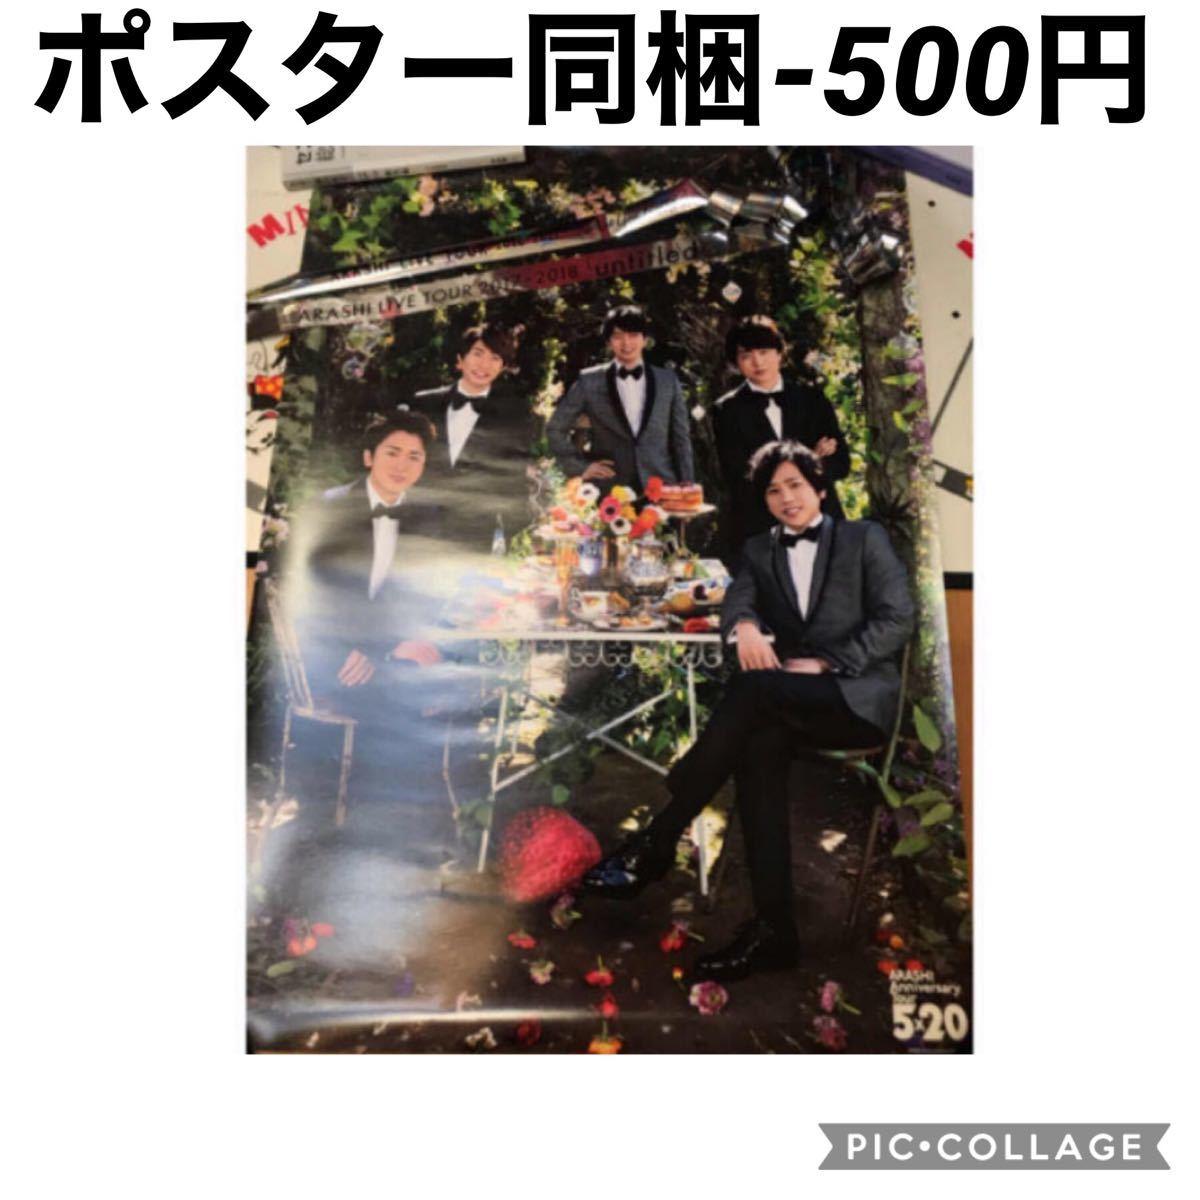 嵐 5×20 ポスター 集合 第2弾 大野智 櫻井翔 相葉雅紀 二宮和也 松本潤 arashi anniversary tour